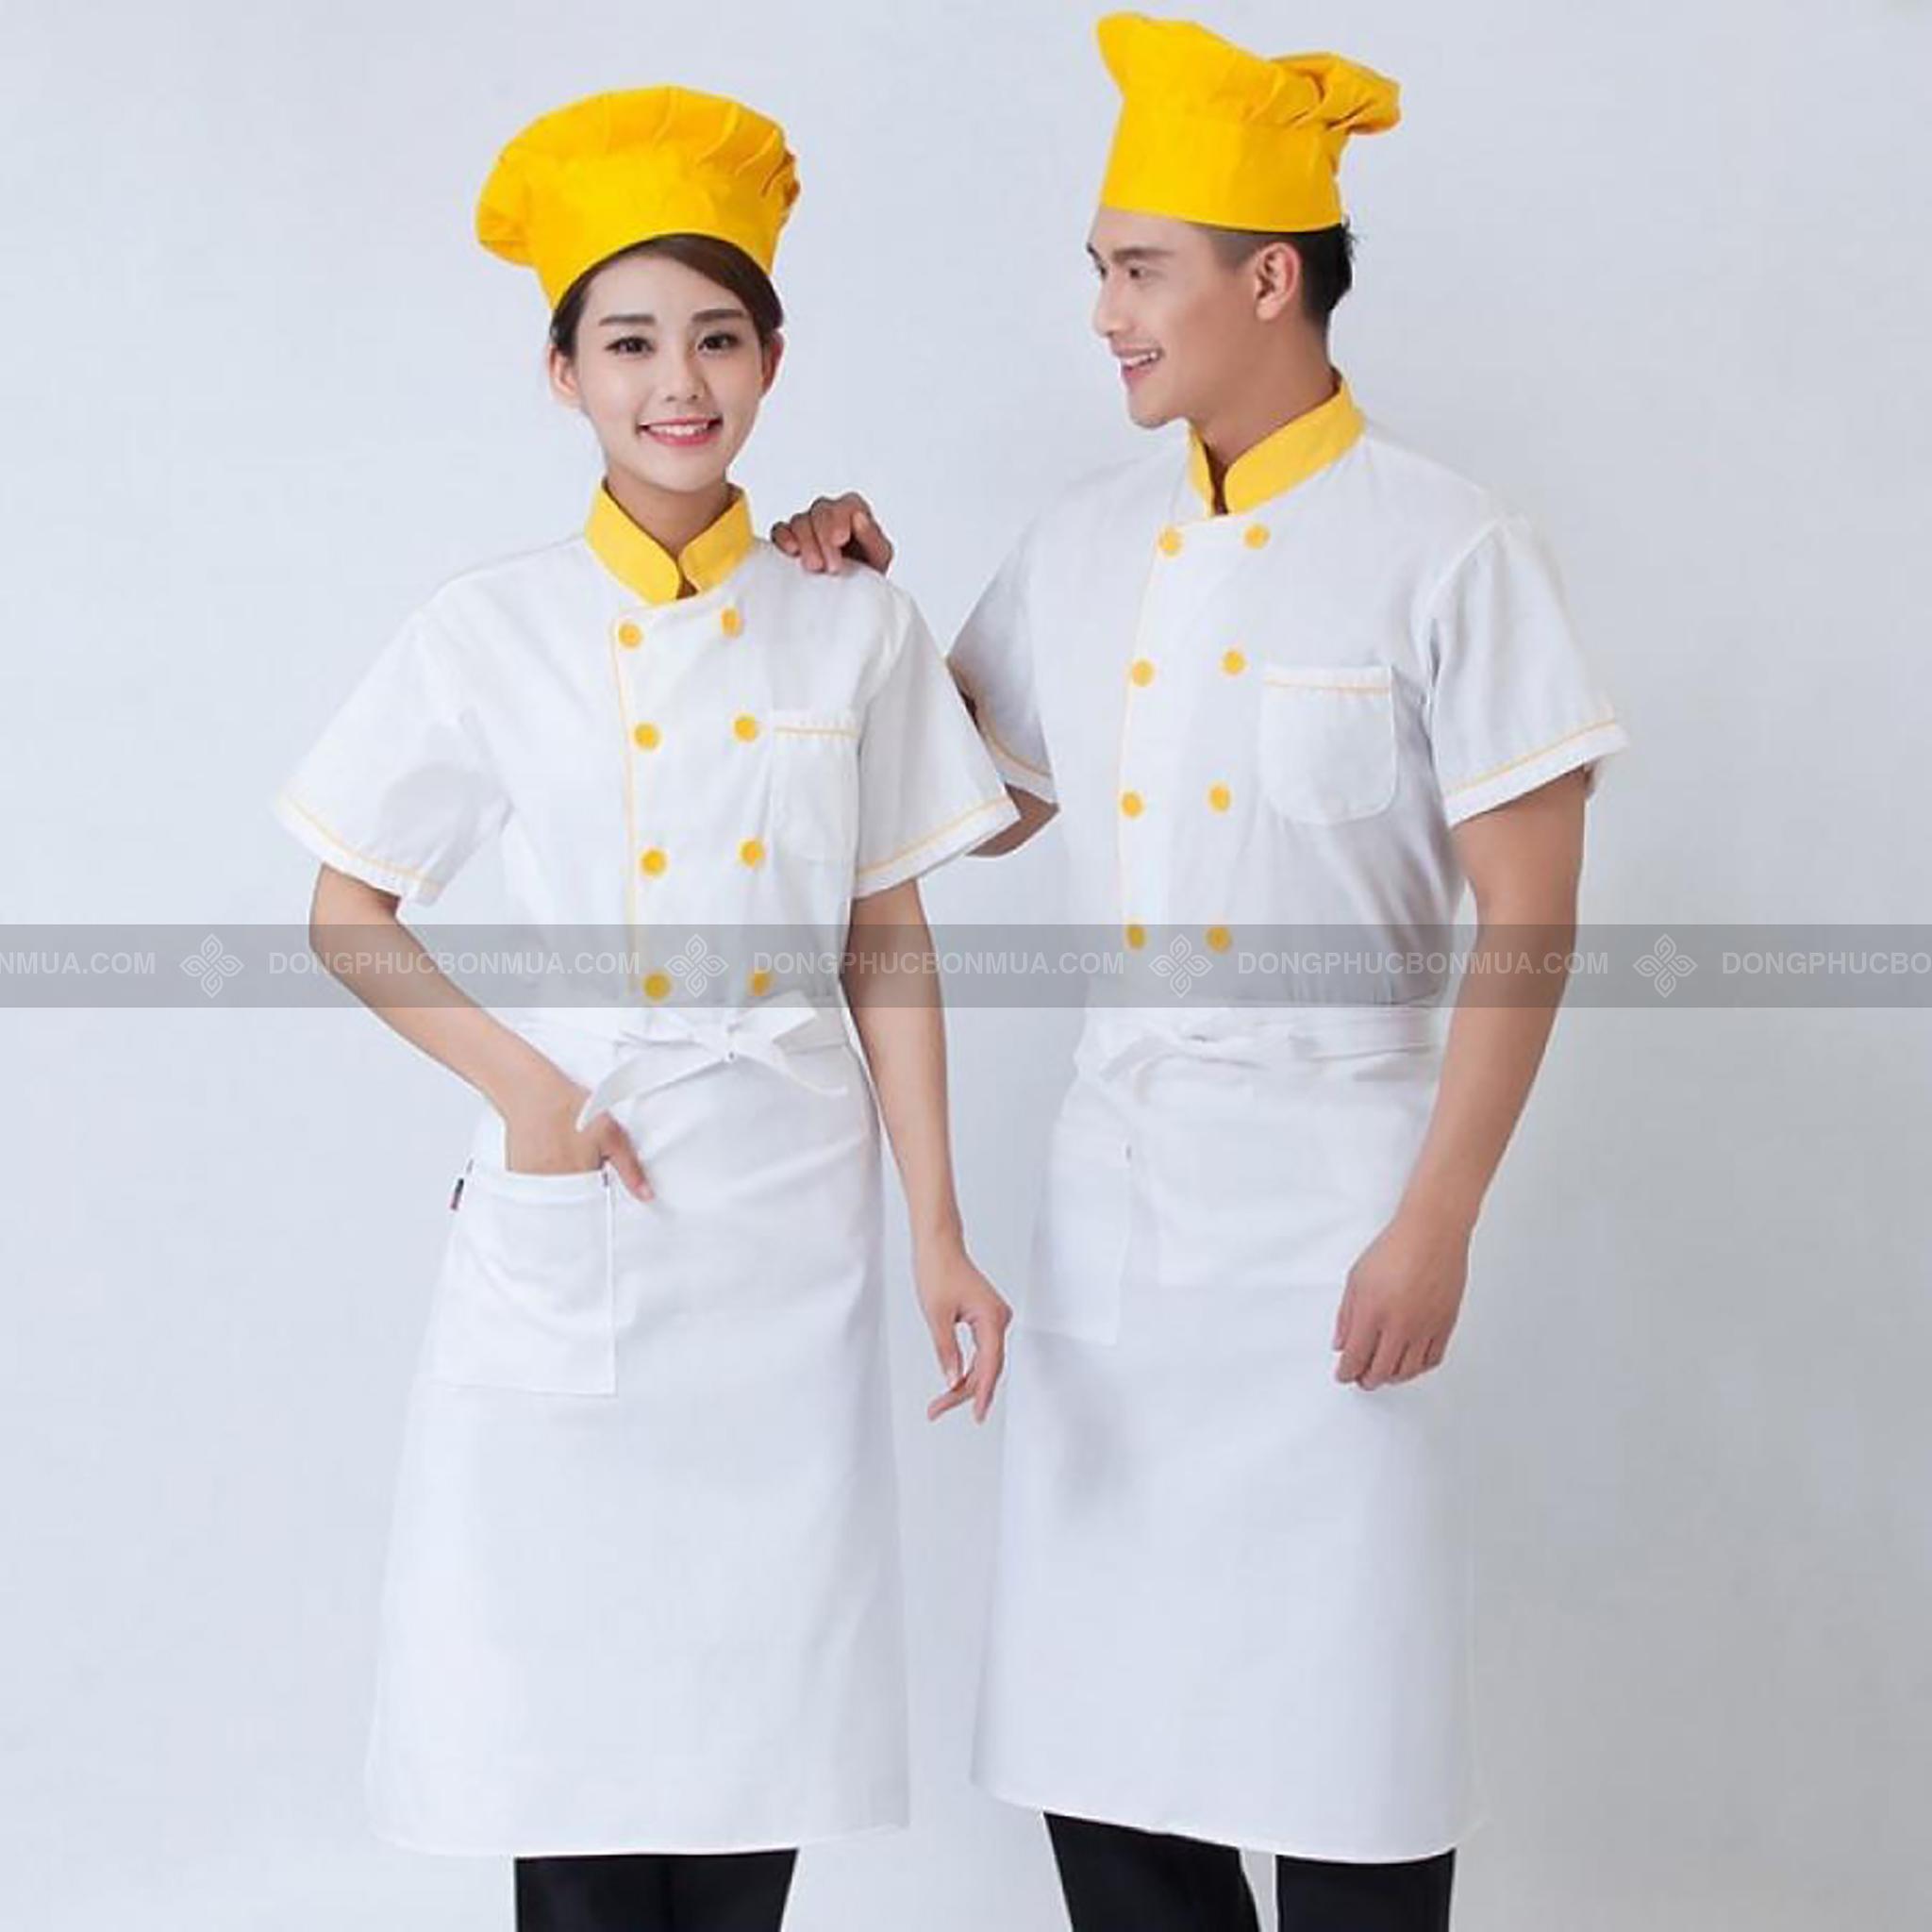 màu sắc đồng phục nhà hàng